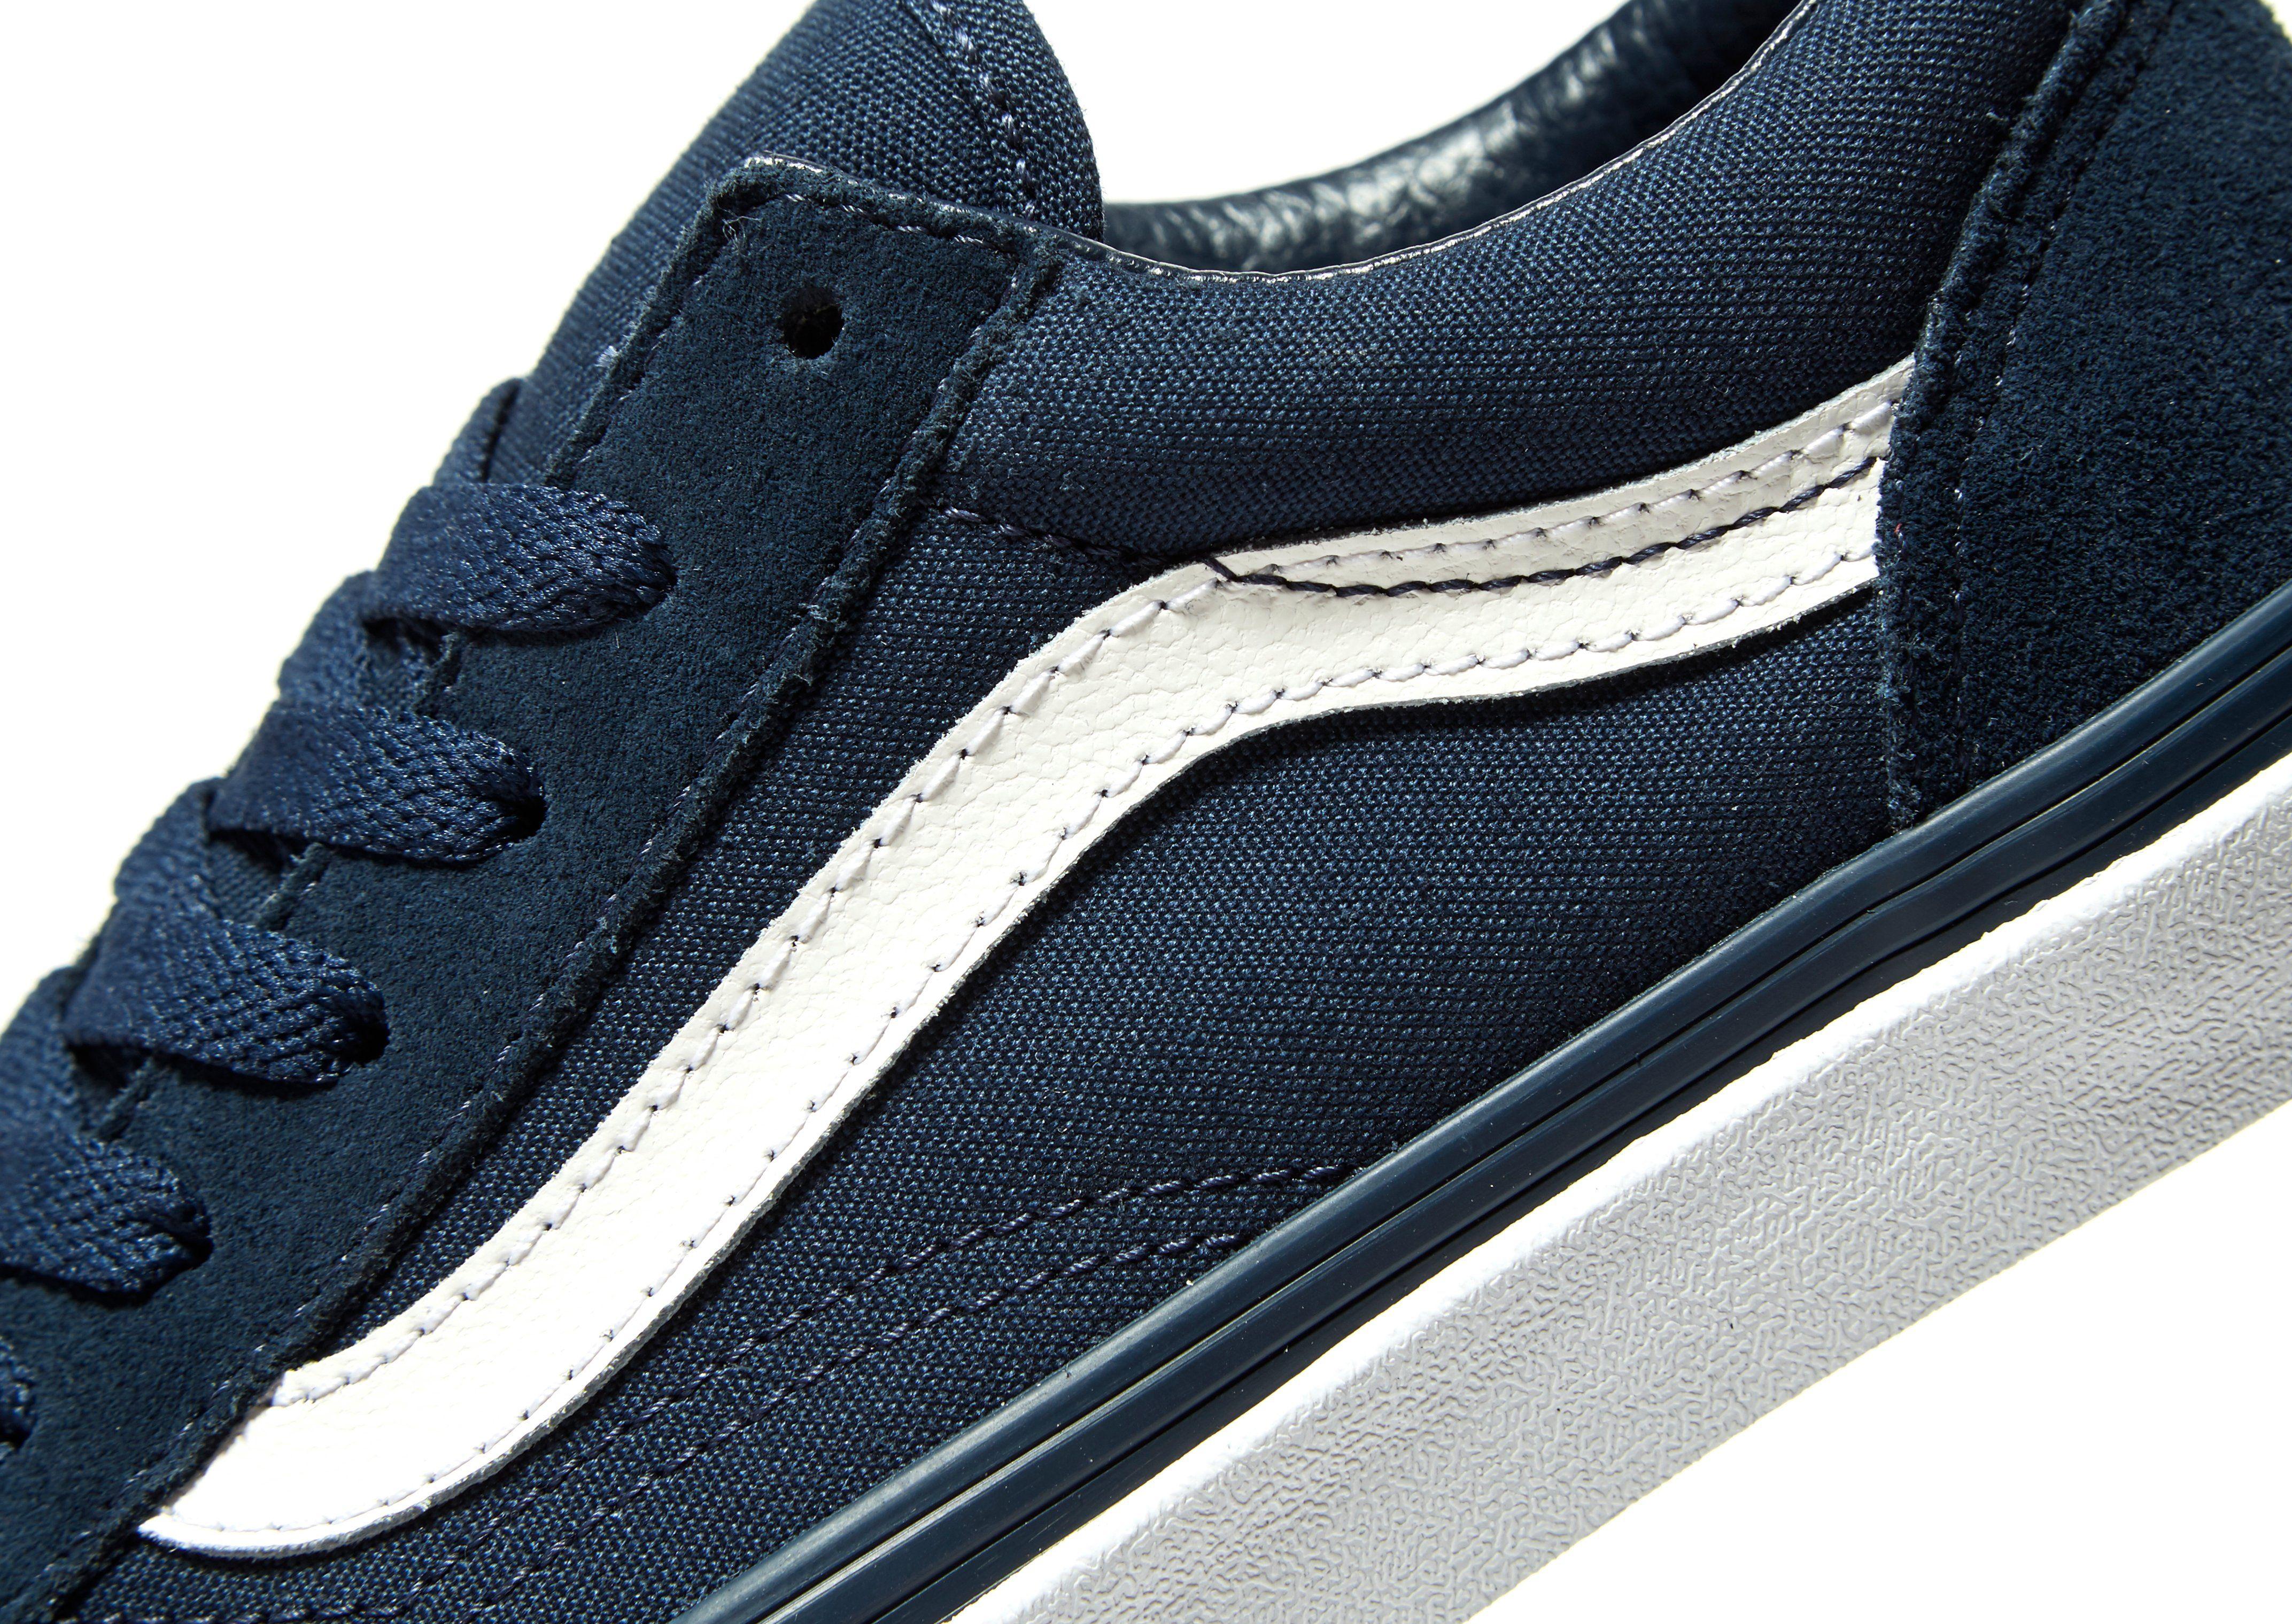 Vans Old Skool Bumper Children Blau Freies Verschiffen Neue Stile npfWT7m9J